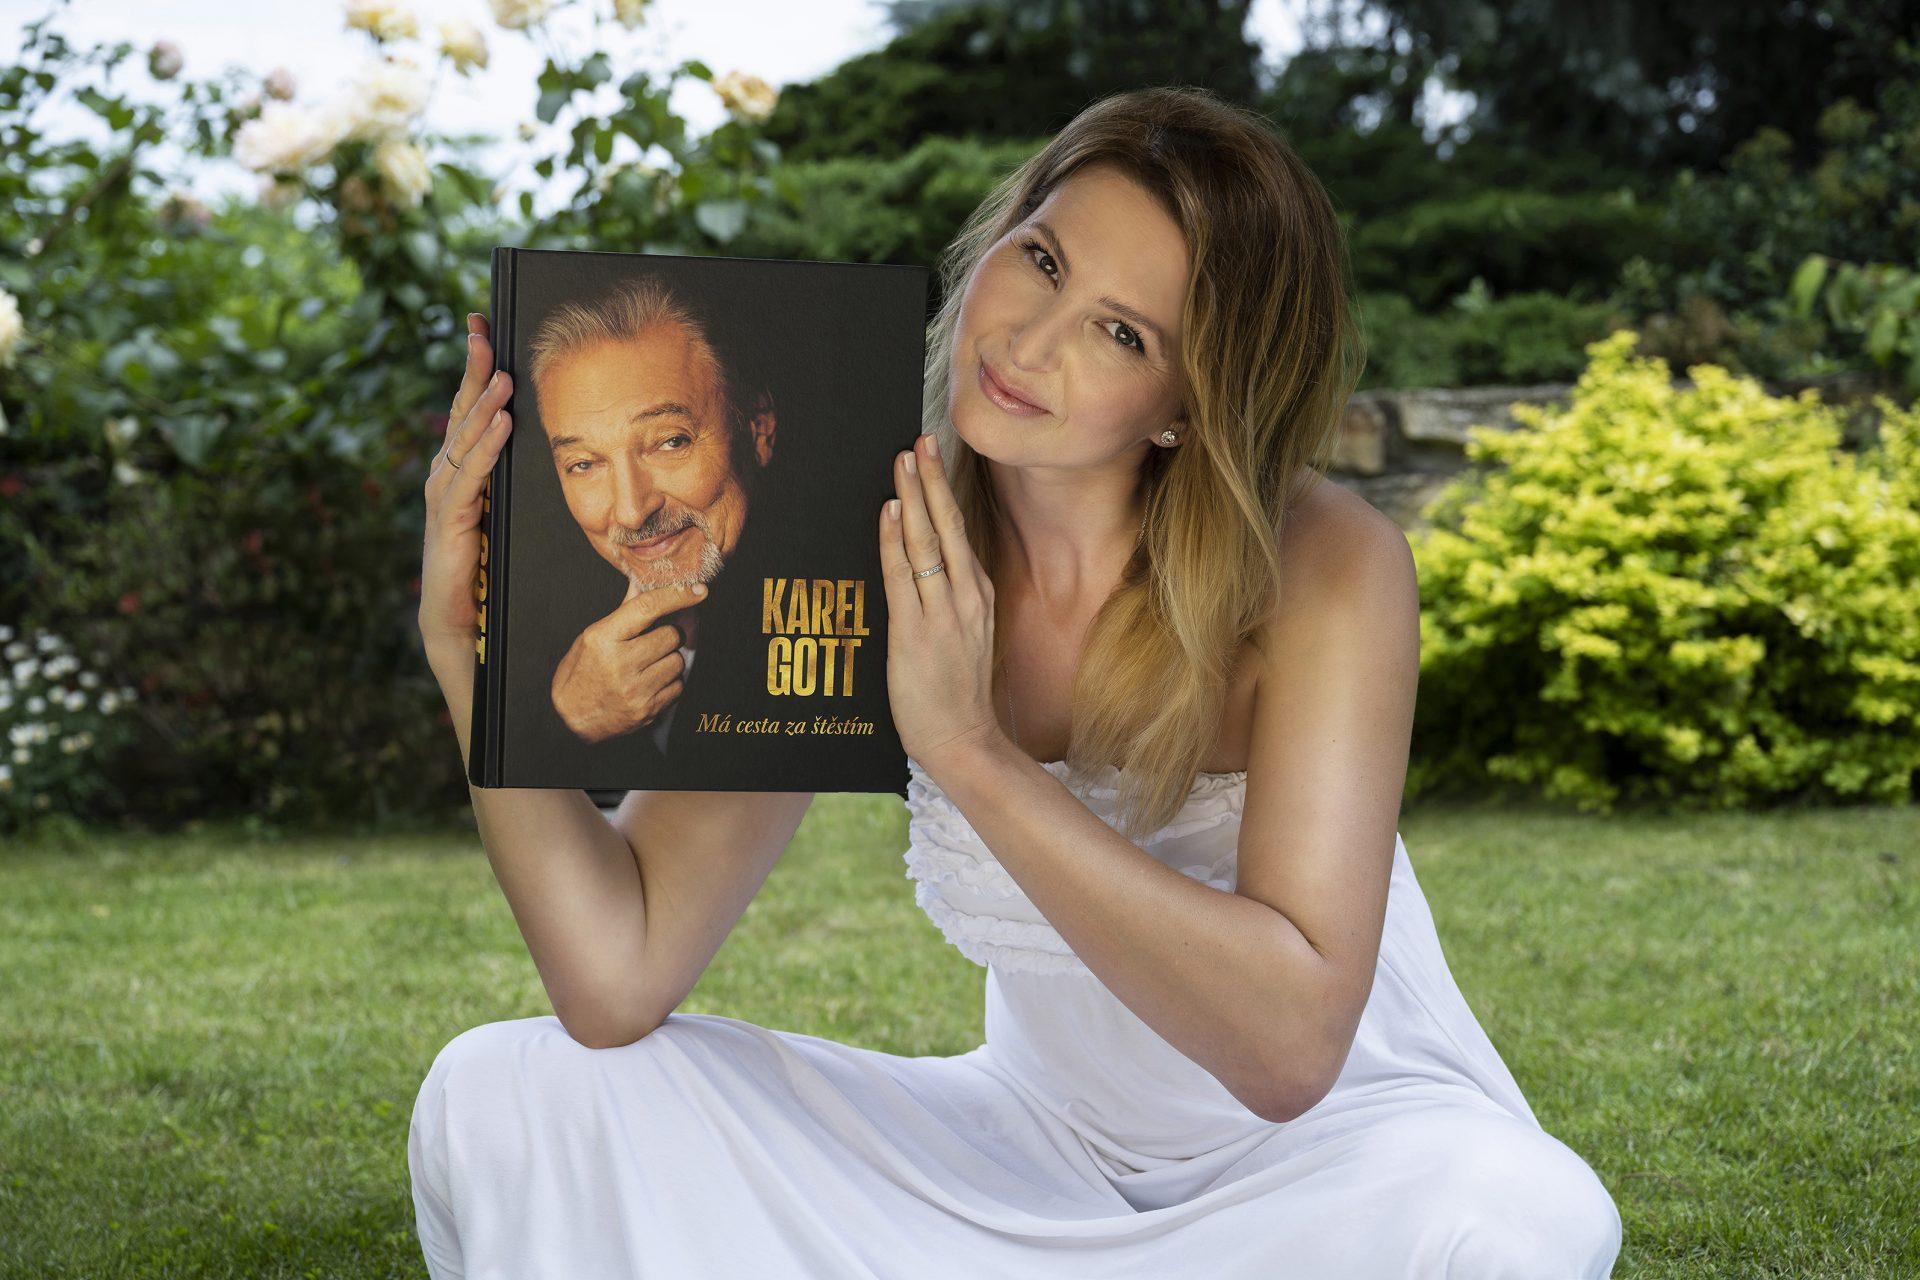 Ivana Gottová s knihou